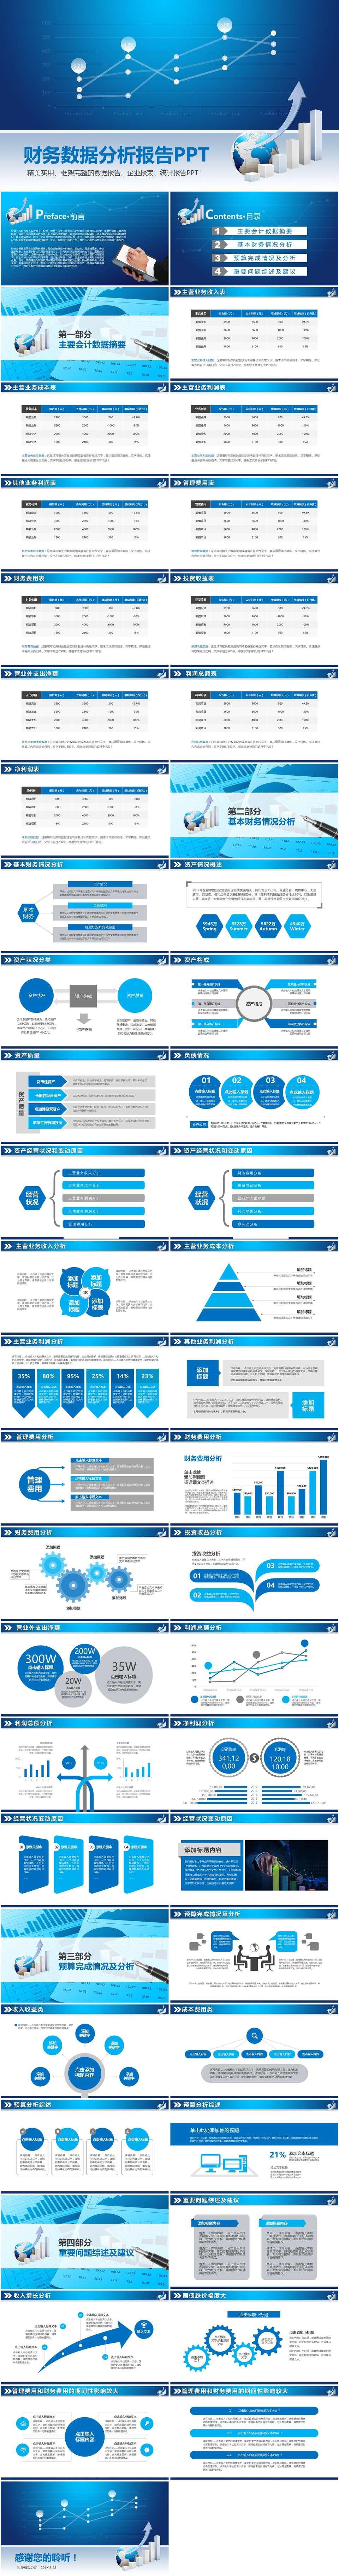 财务数据分析报告ppt模板插图1